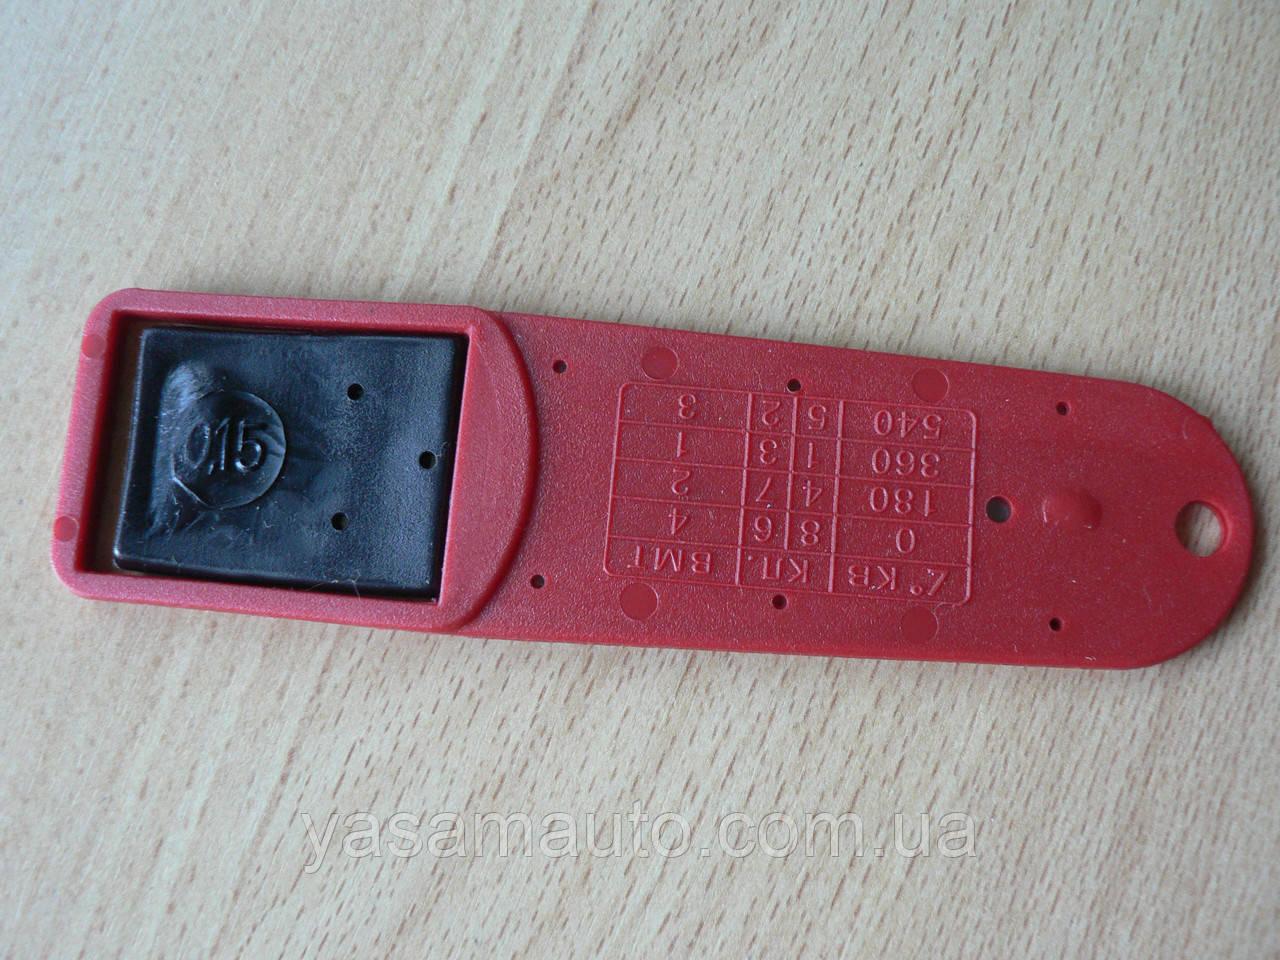 Щуп ВАЗ 2101 регулювання клапанів 0,15 таблиця на пластиковому чохлі